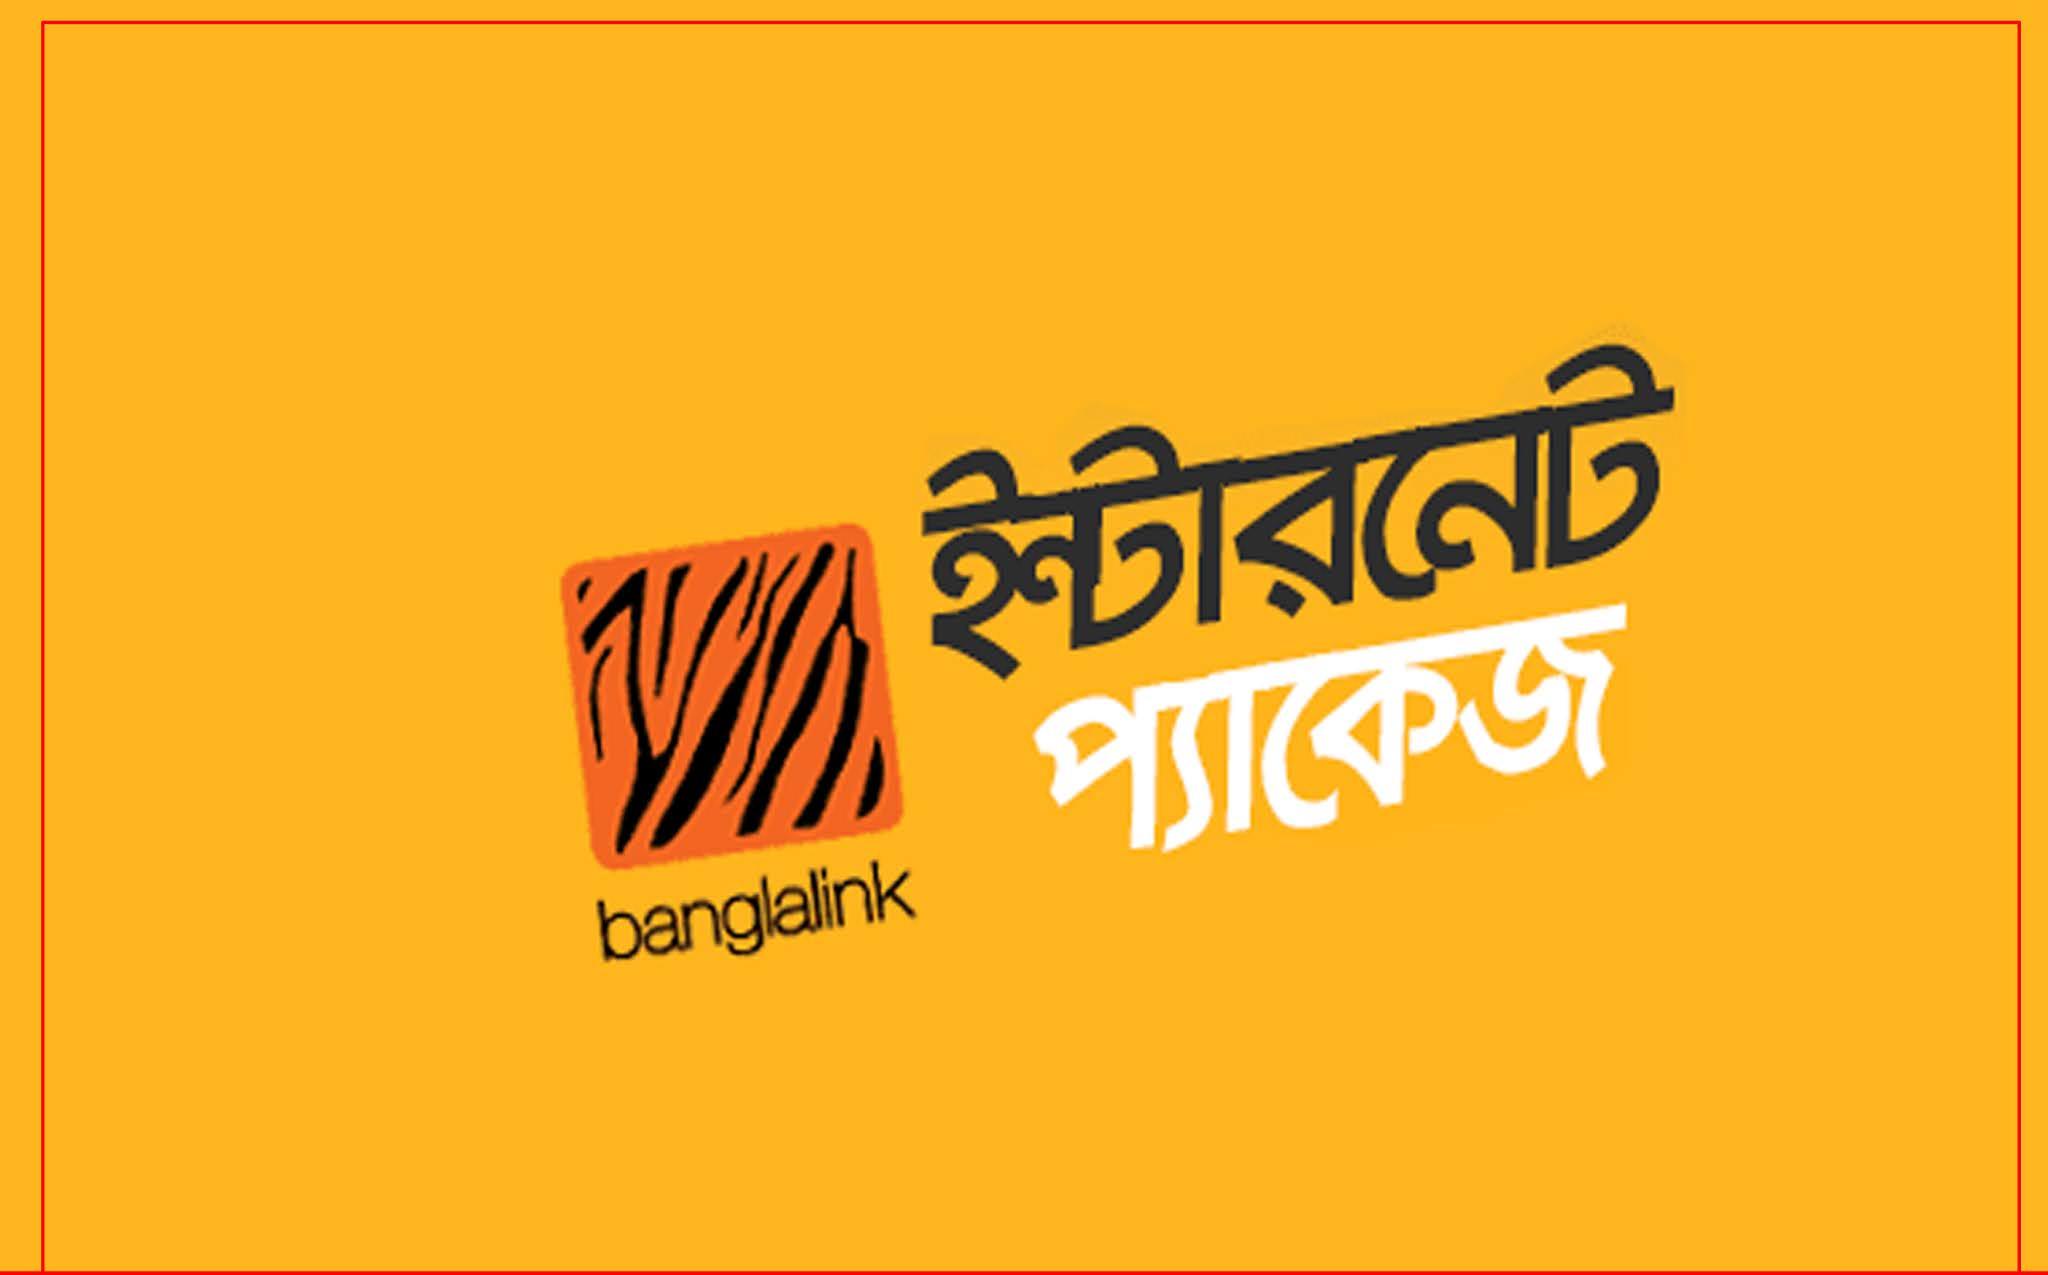 বাংলালিংক ইন্টারনেট অফার 2021